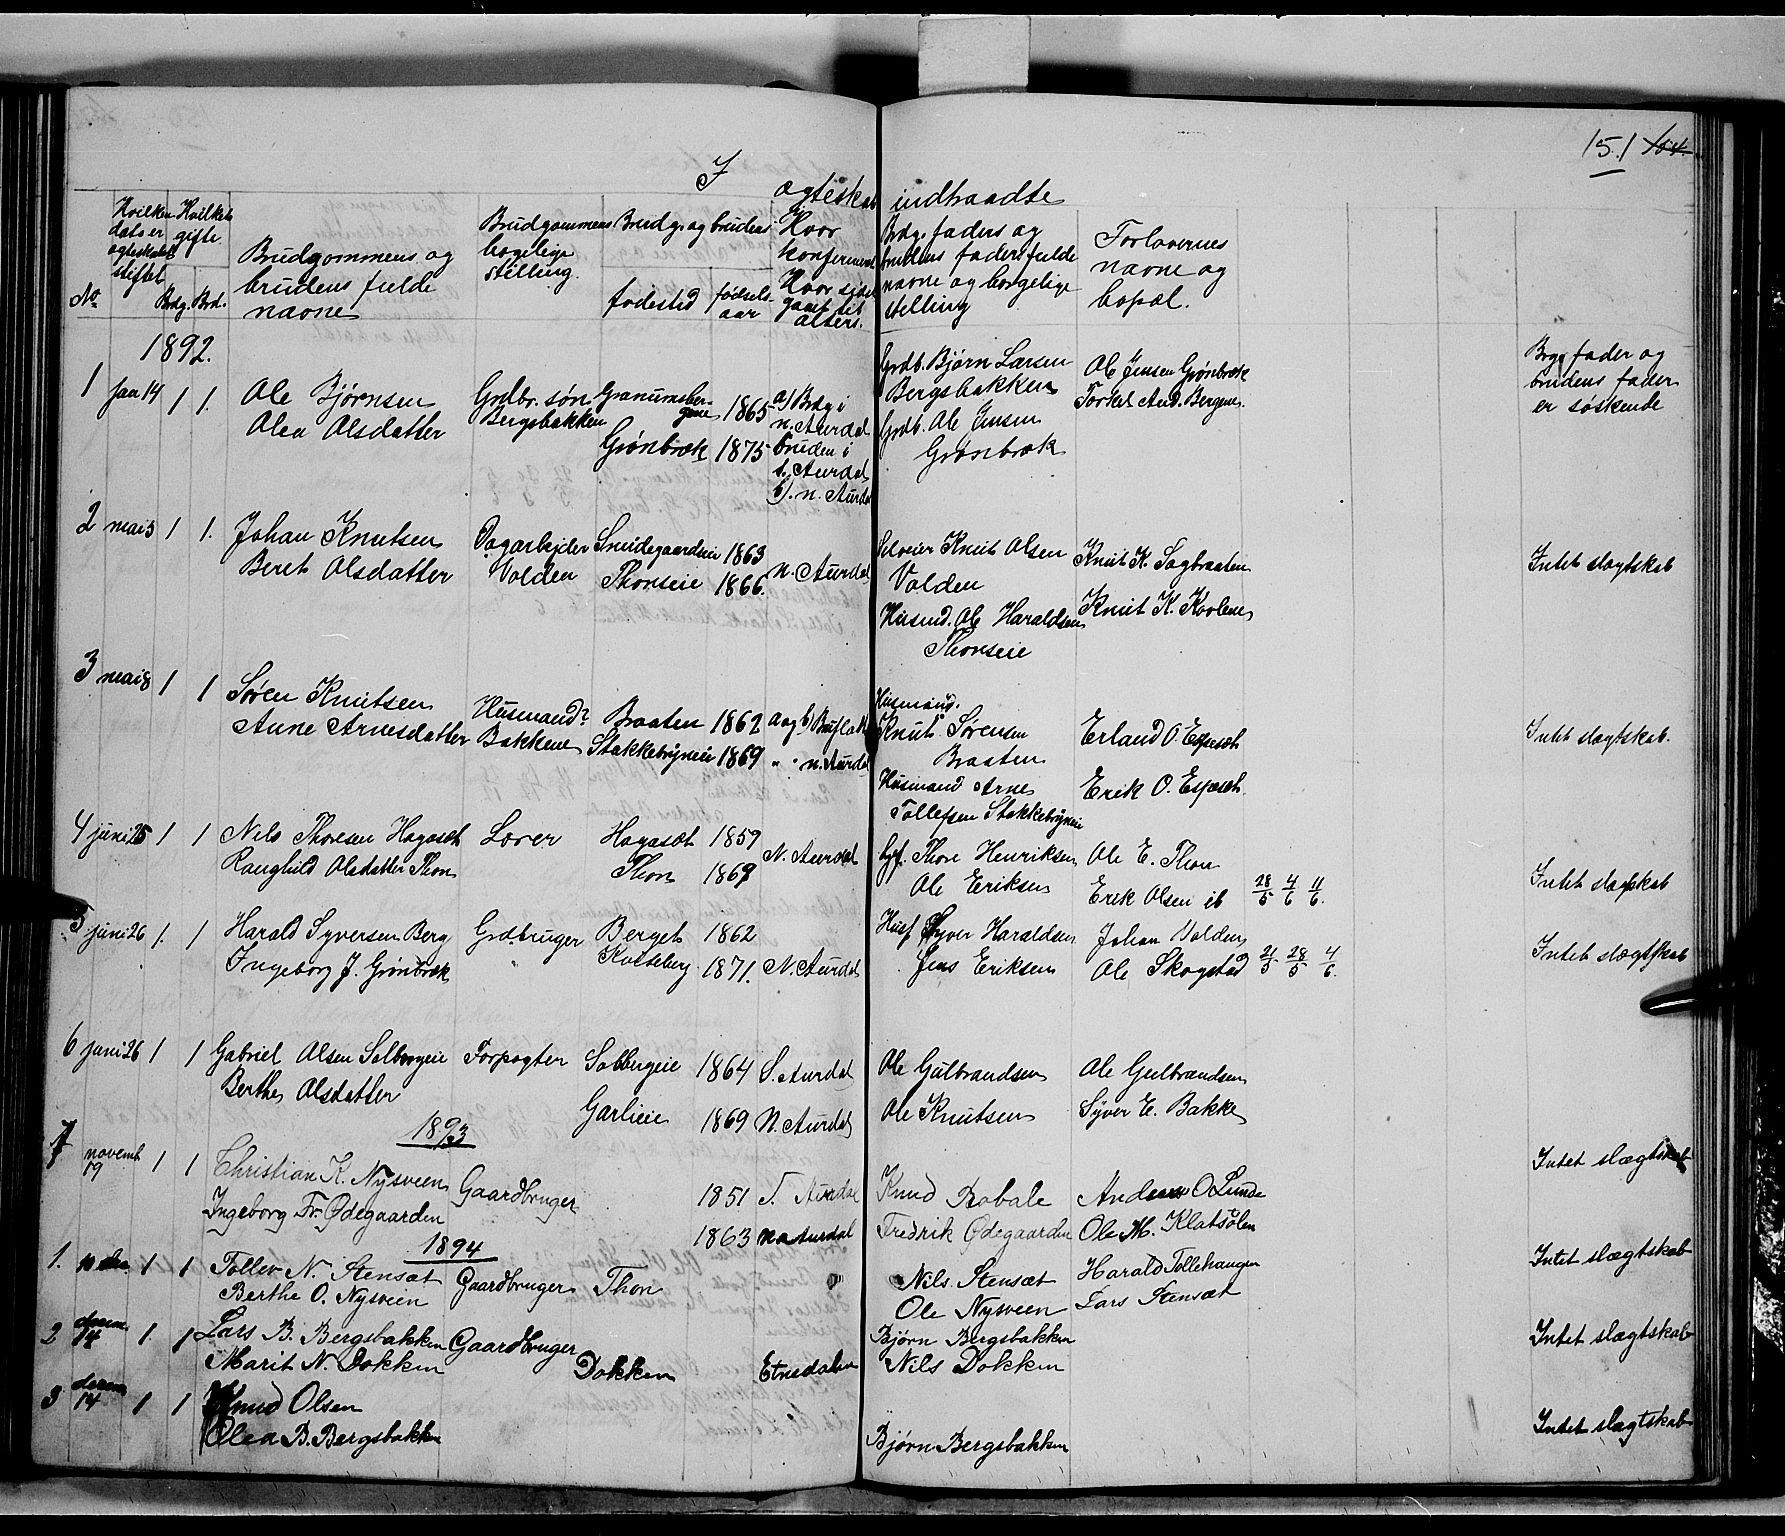 SAH, Nord-Aurdal prestekontor, Klokkerbok nr. 5, 1876-1895, s. 151